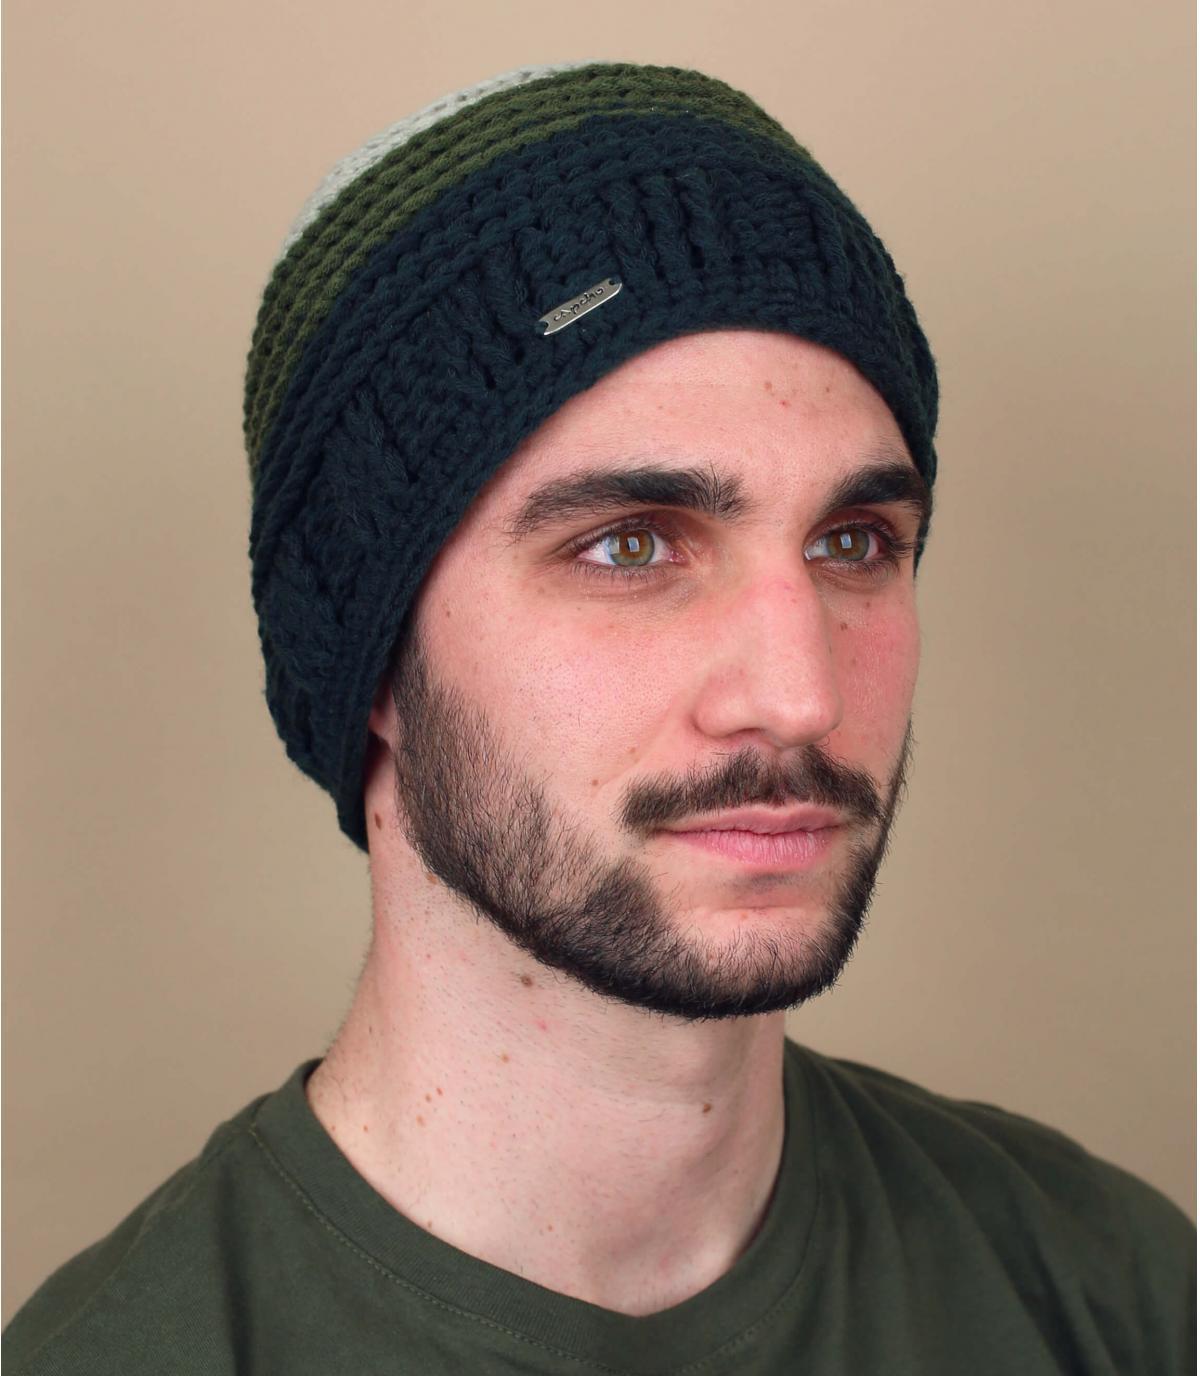 berretto verde sfumato